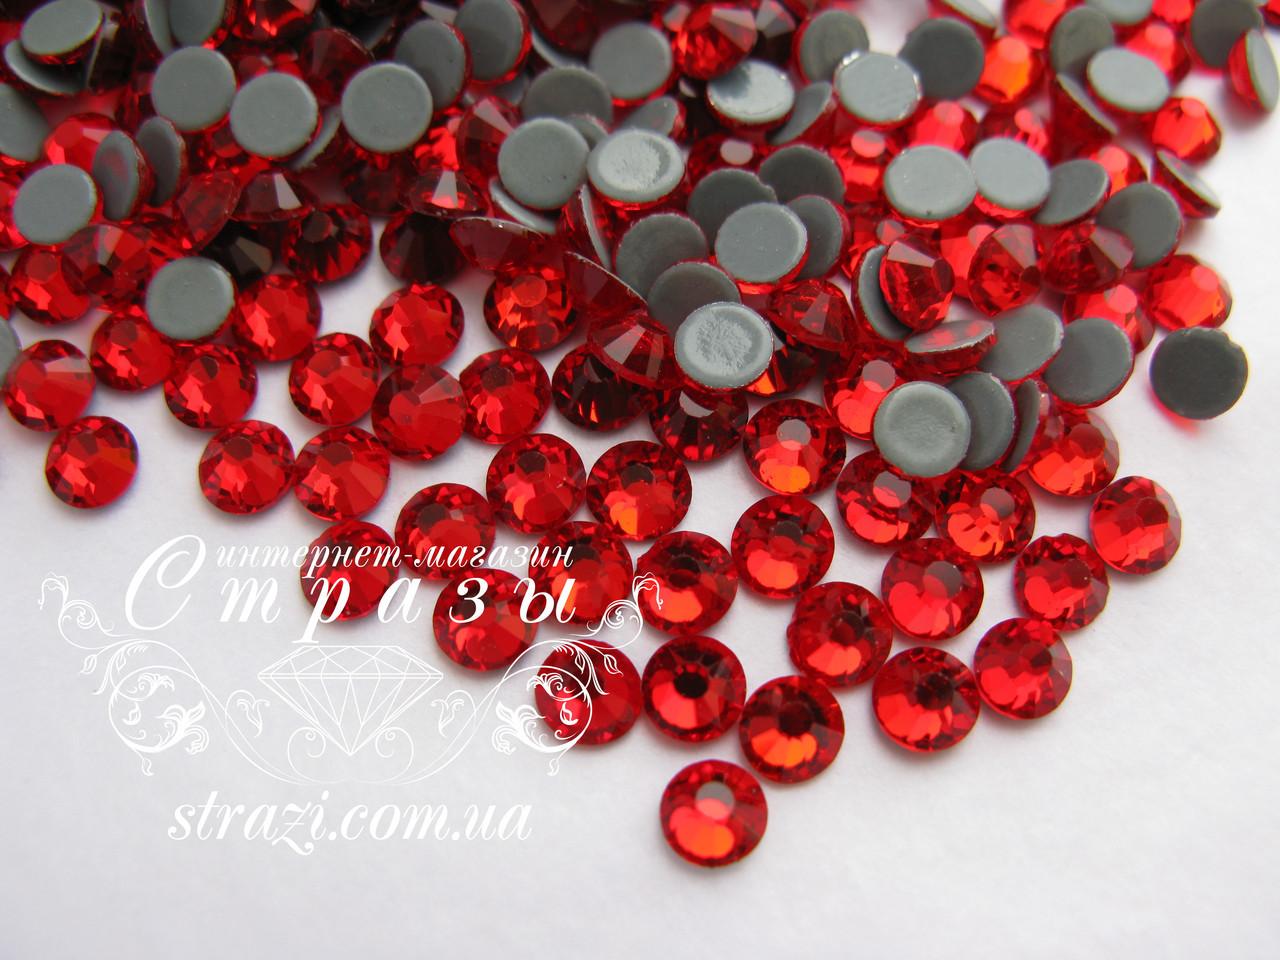 Термо стразы Lux ss16 Lt.Siam (4.0mm) 100шт